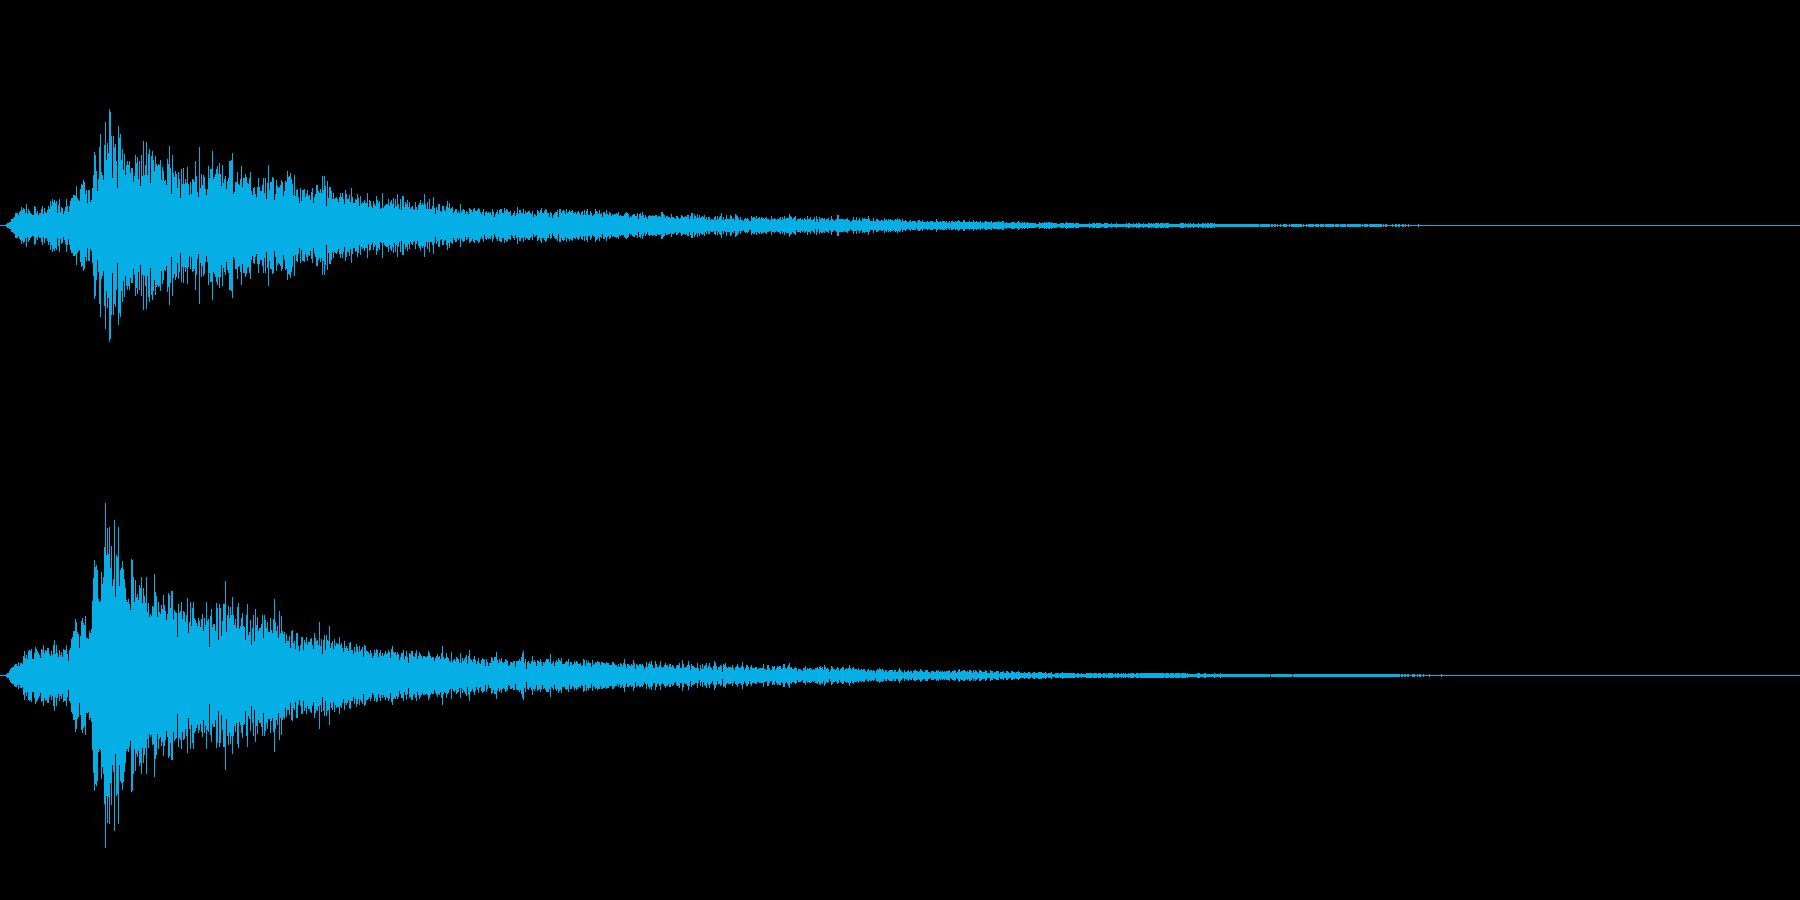 サスペンスに最適!ピアノの弦を弄ぶ音43の再生済みの波形